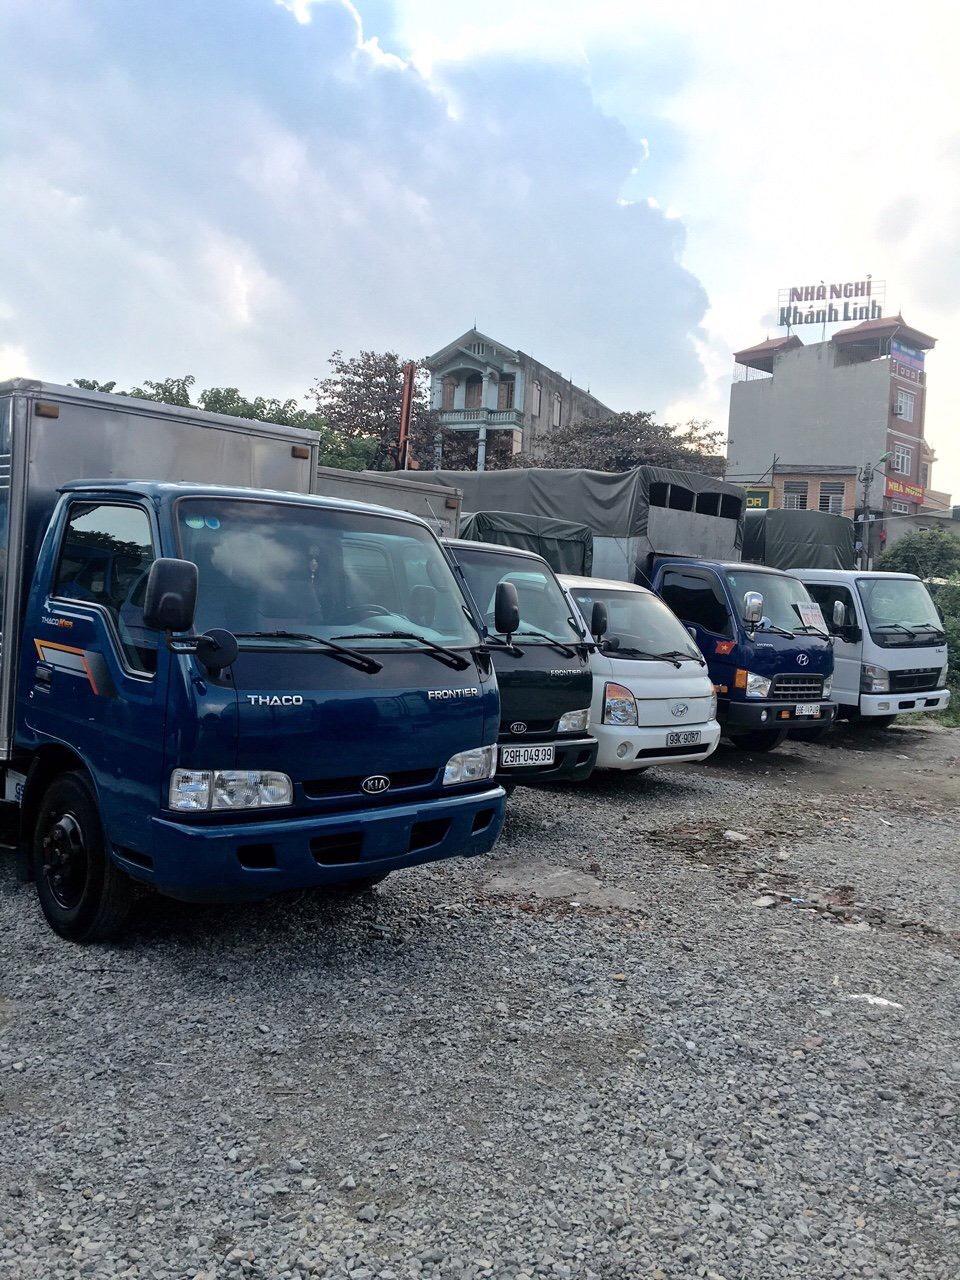 Mua bán xe tải cũ tại Hưng Yên